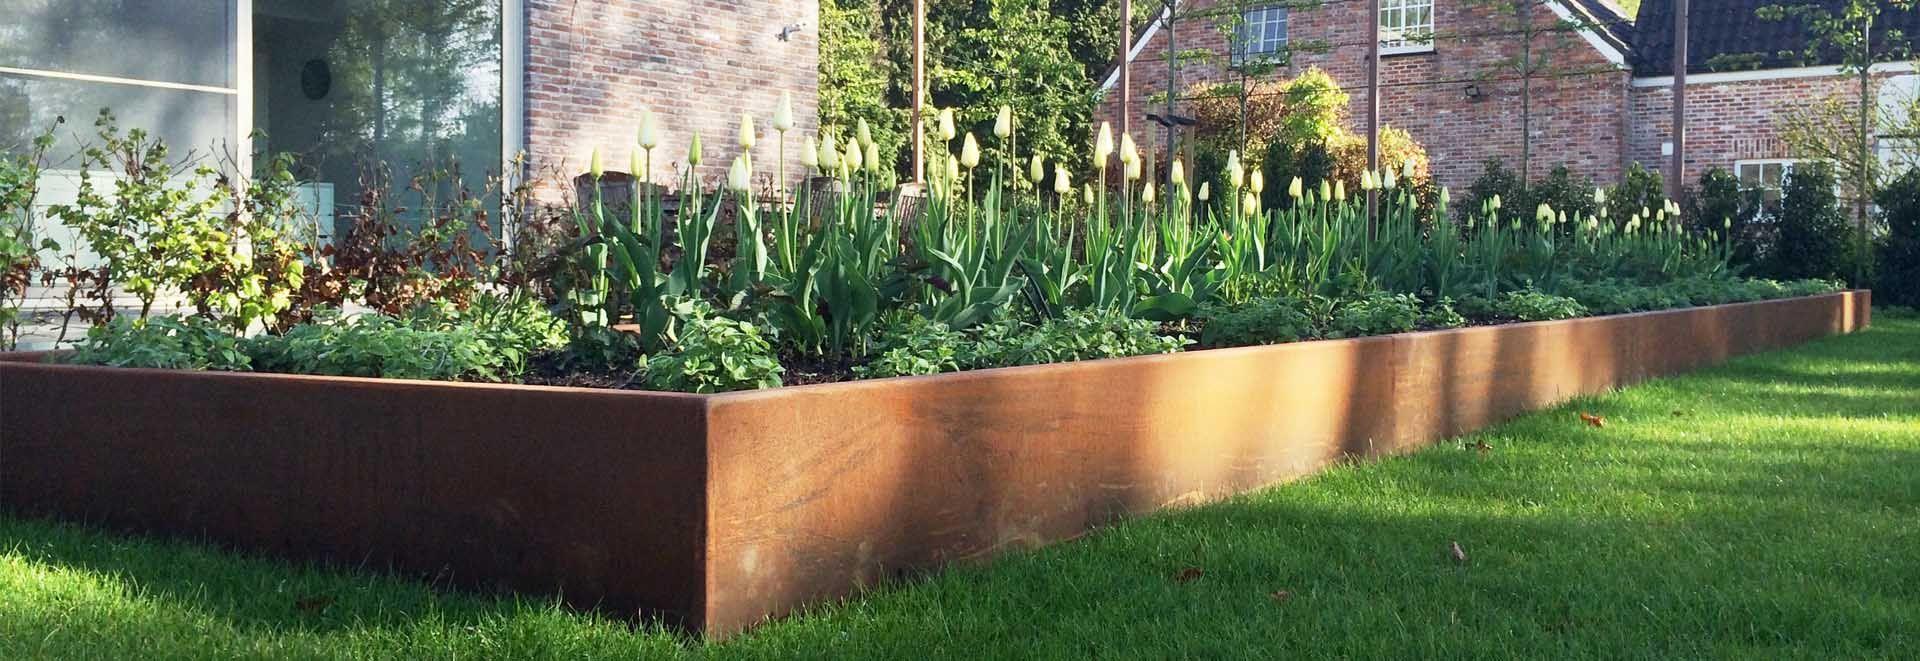 randeinfassungssysteme - corten stahl - greenmax | garten ideen, Garten und erstellen